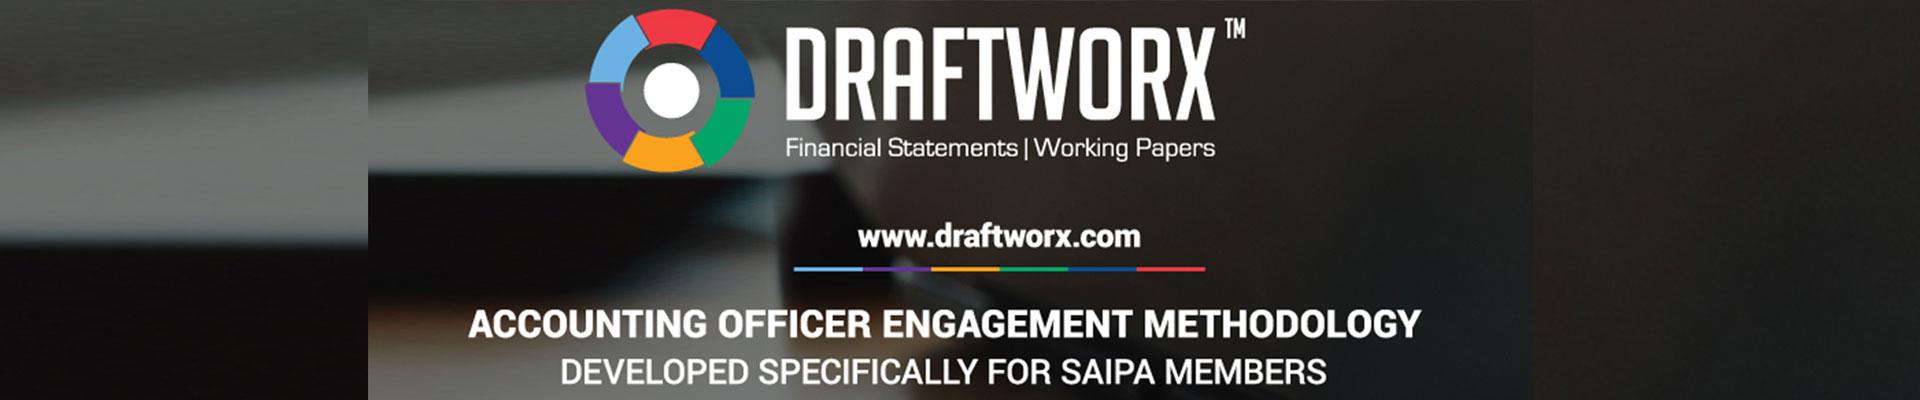 Draftworx Partner